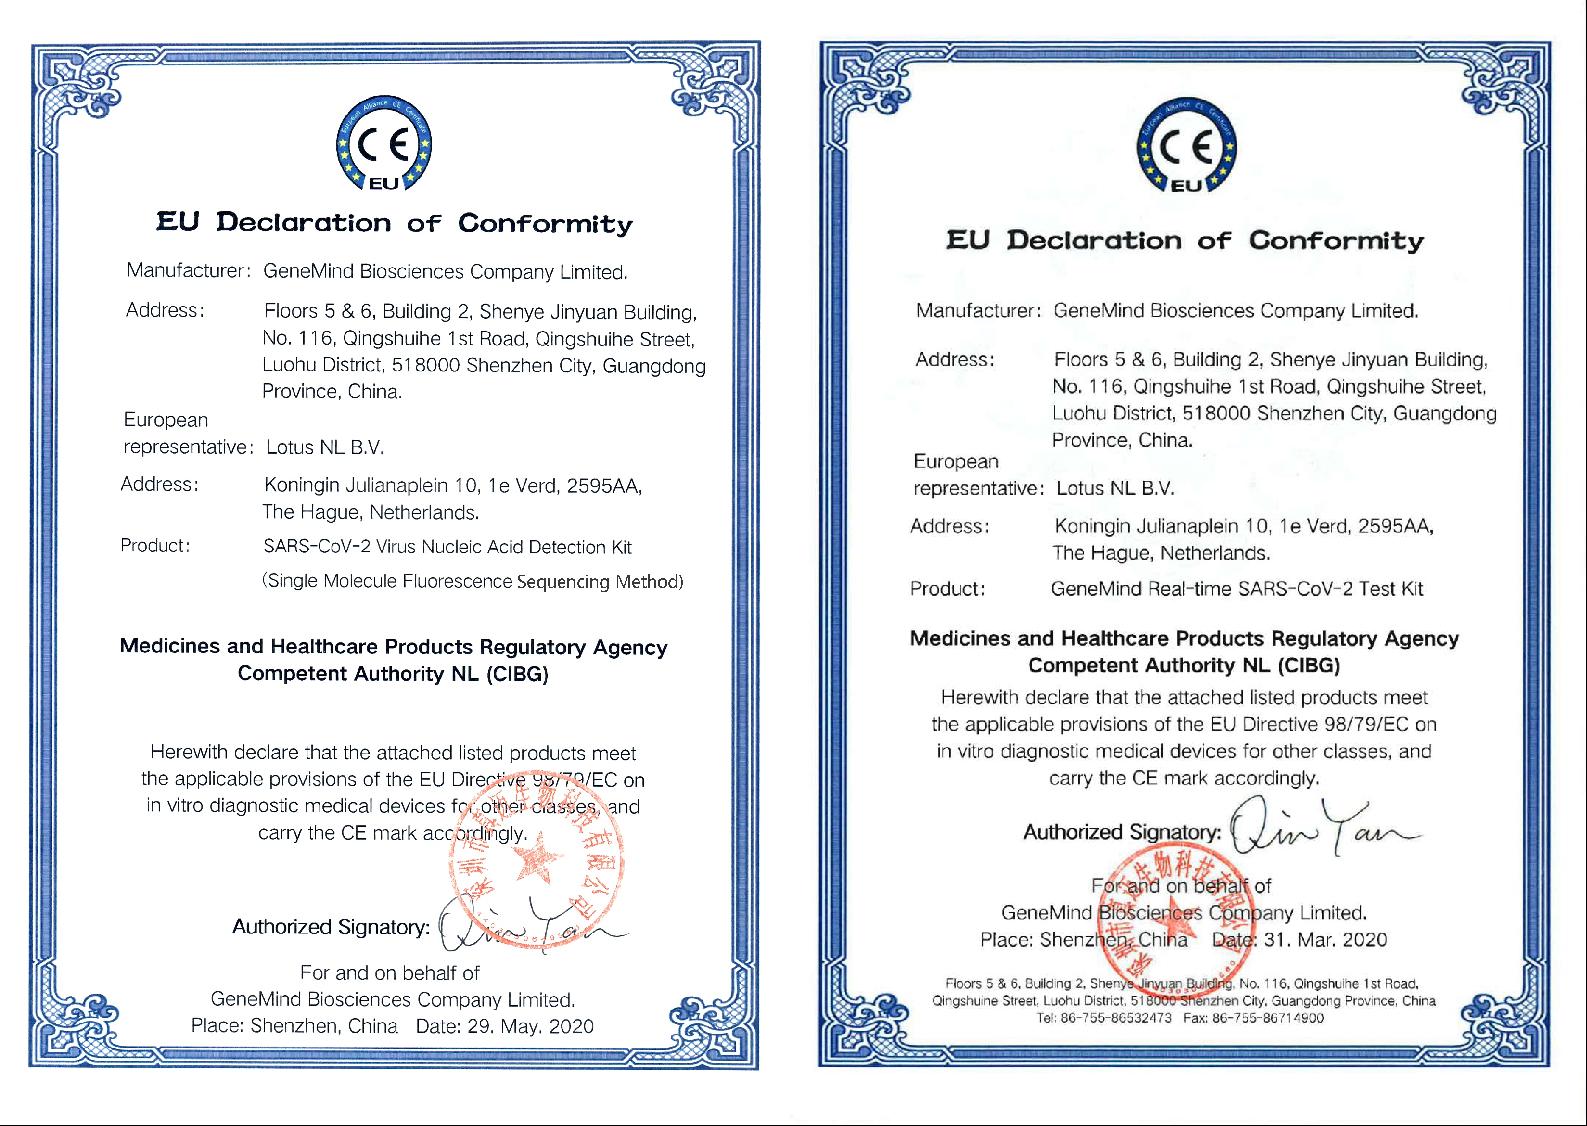 助力海外抗疫,真迈生物新型冠状病毒检测试剂盒获欧盟CE认证及商务部出口资质